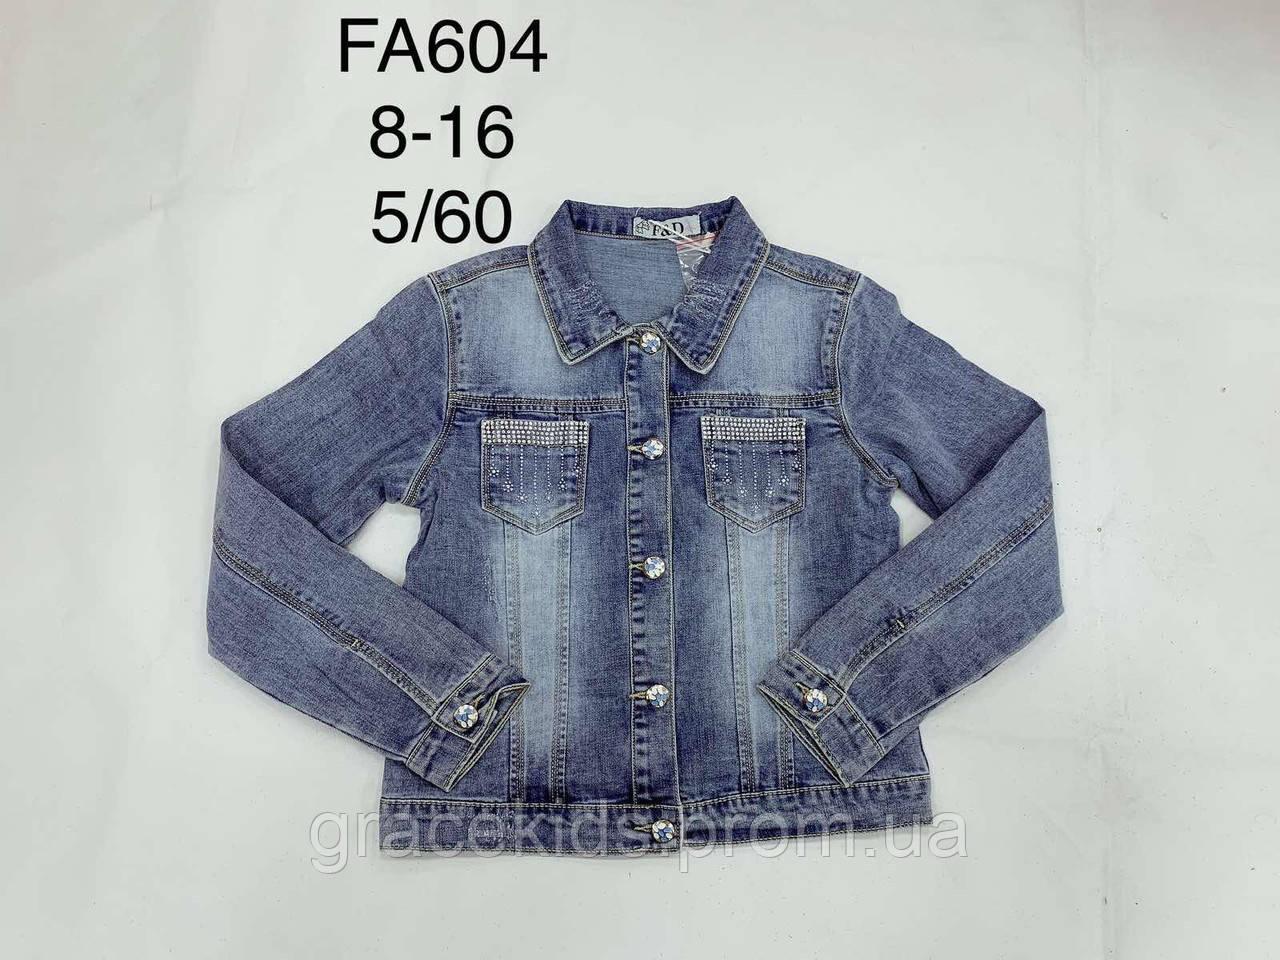 Джинсовые пиджаки для девочек подростковые FD Kids,разм 8-16